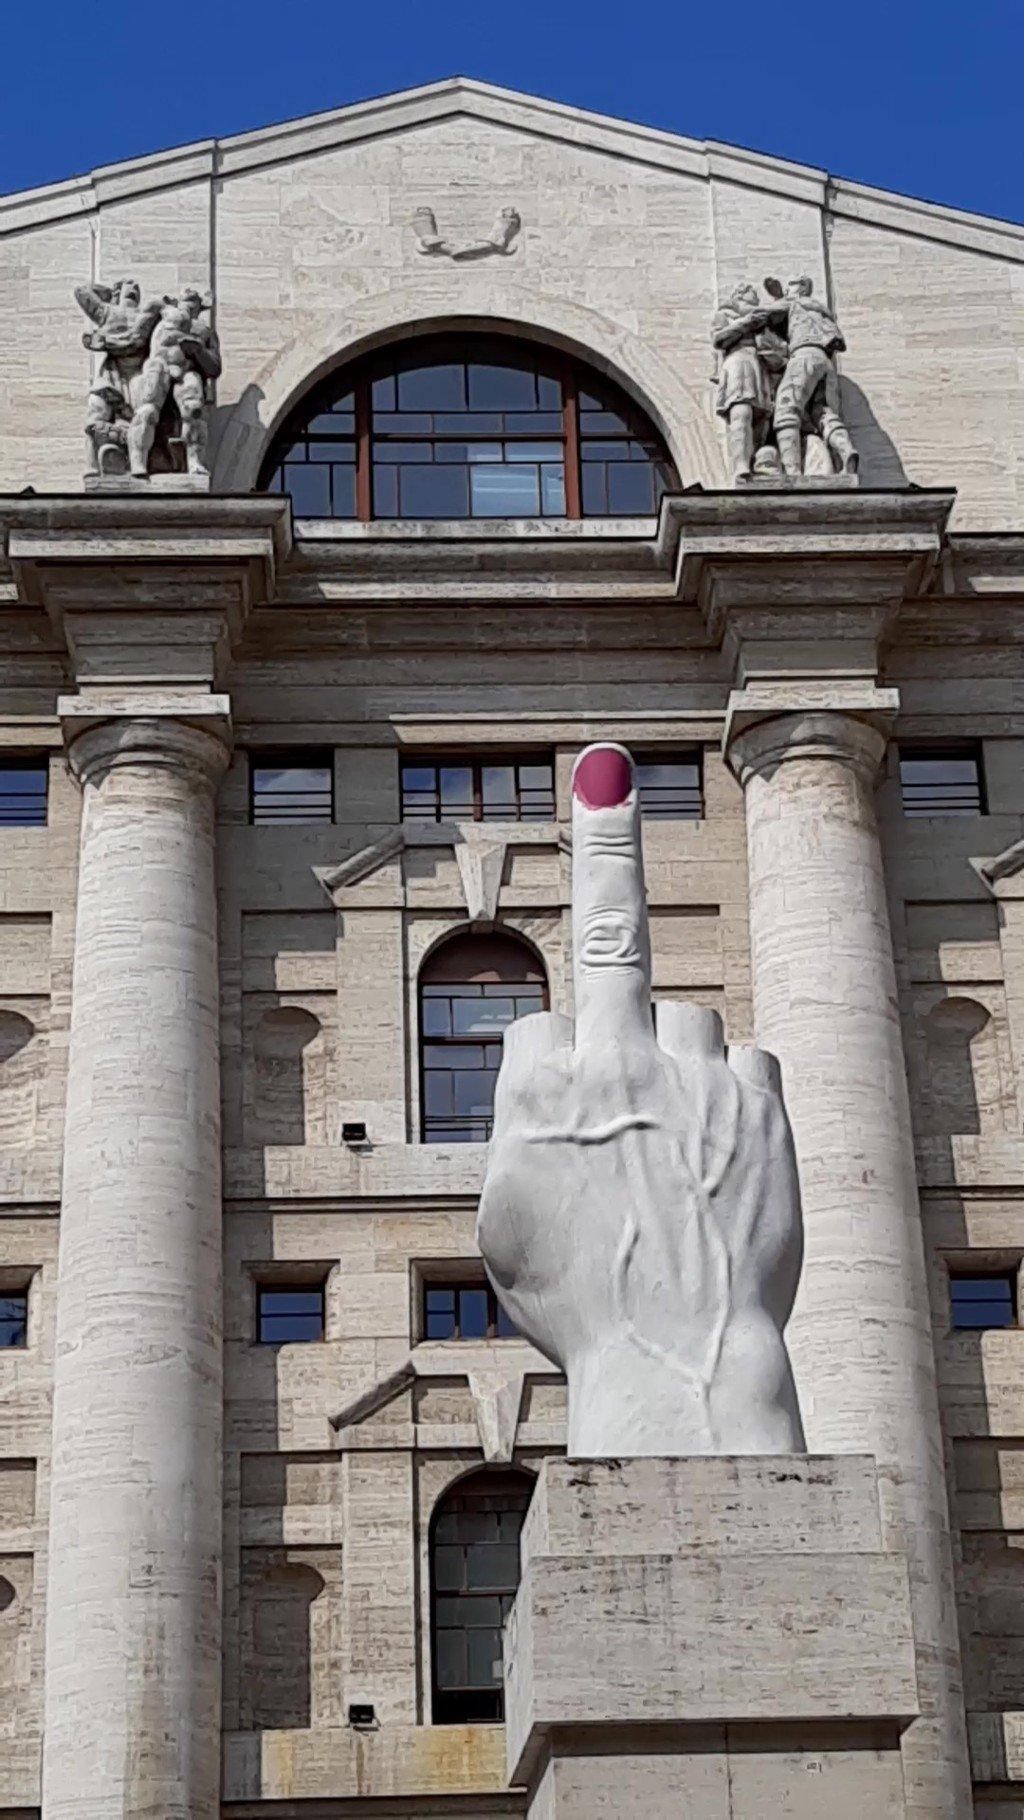 La scultura L.O.V.E. dito medio di Piazza Affari a Milano da scoprire